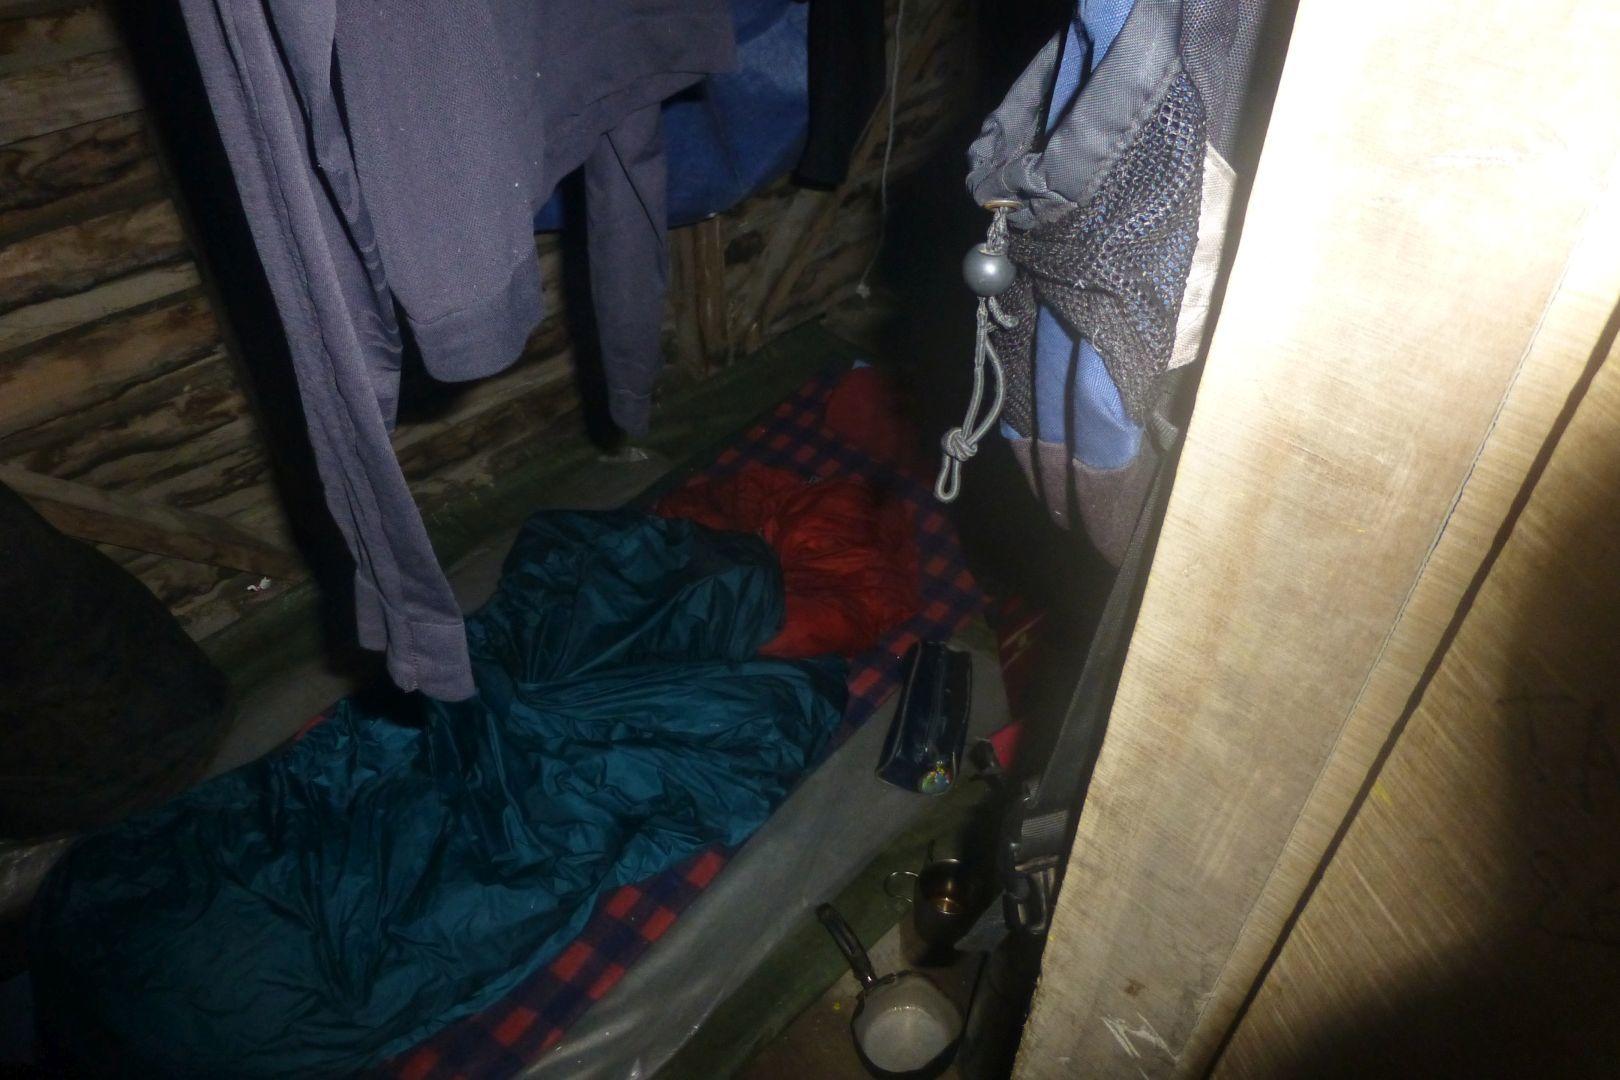 en una casita pequenita en medio de lluvia pesada